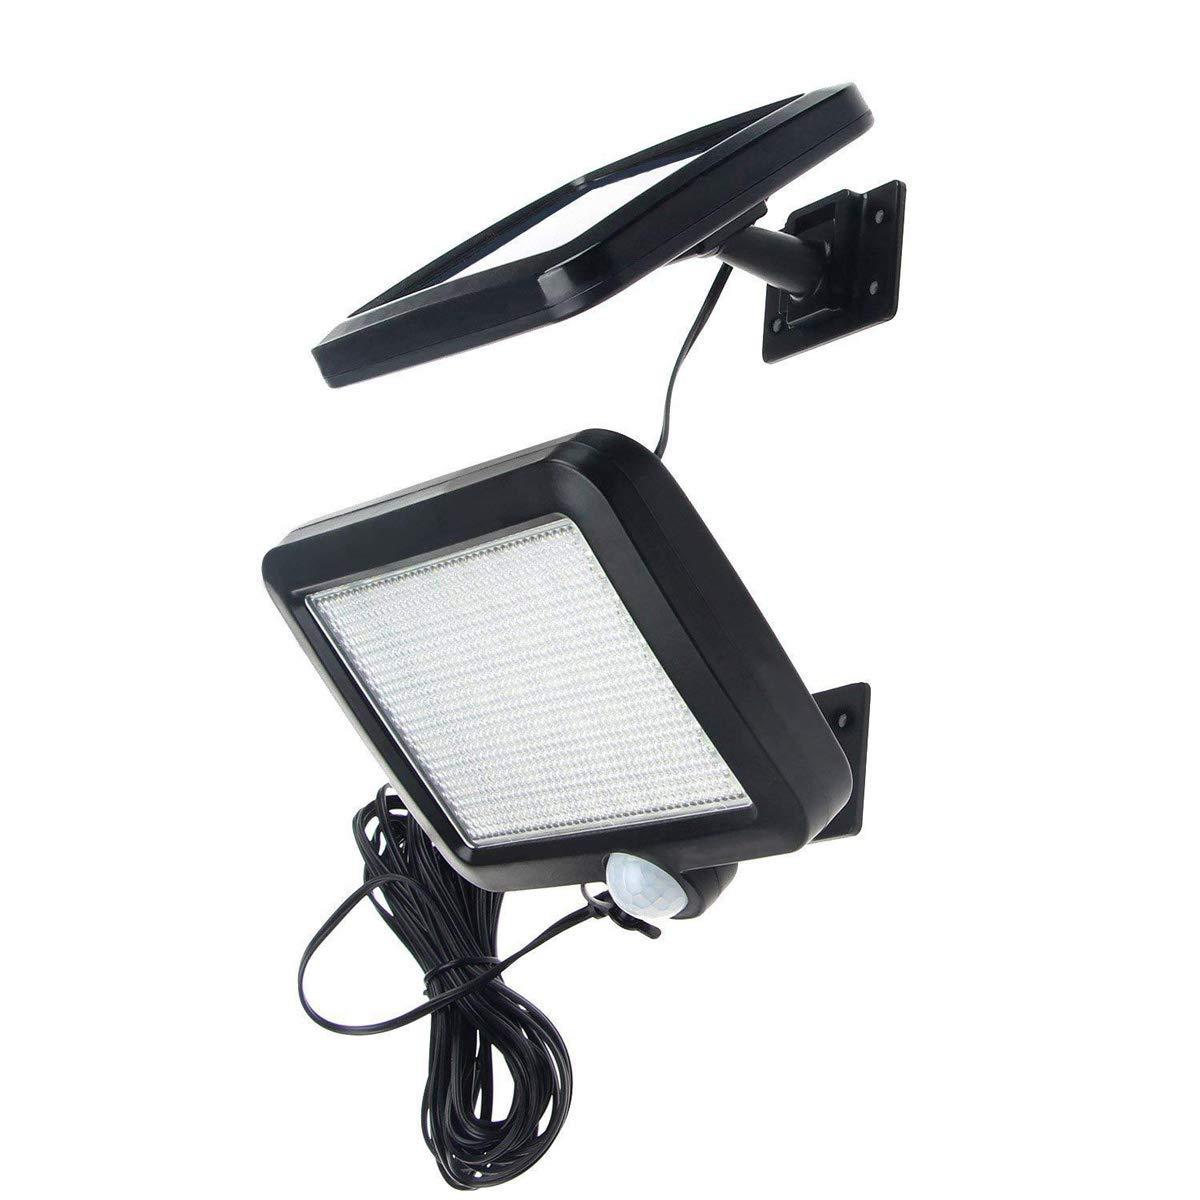 Luci esterne di sicurezza solare, 56 LED Lampada da parete solare Sensore umano/luce Impermeabile Super Bright Lights per giardino, recinzione, porta, cortile o ingresso TZZ